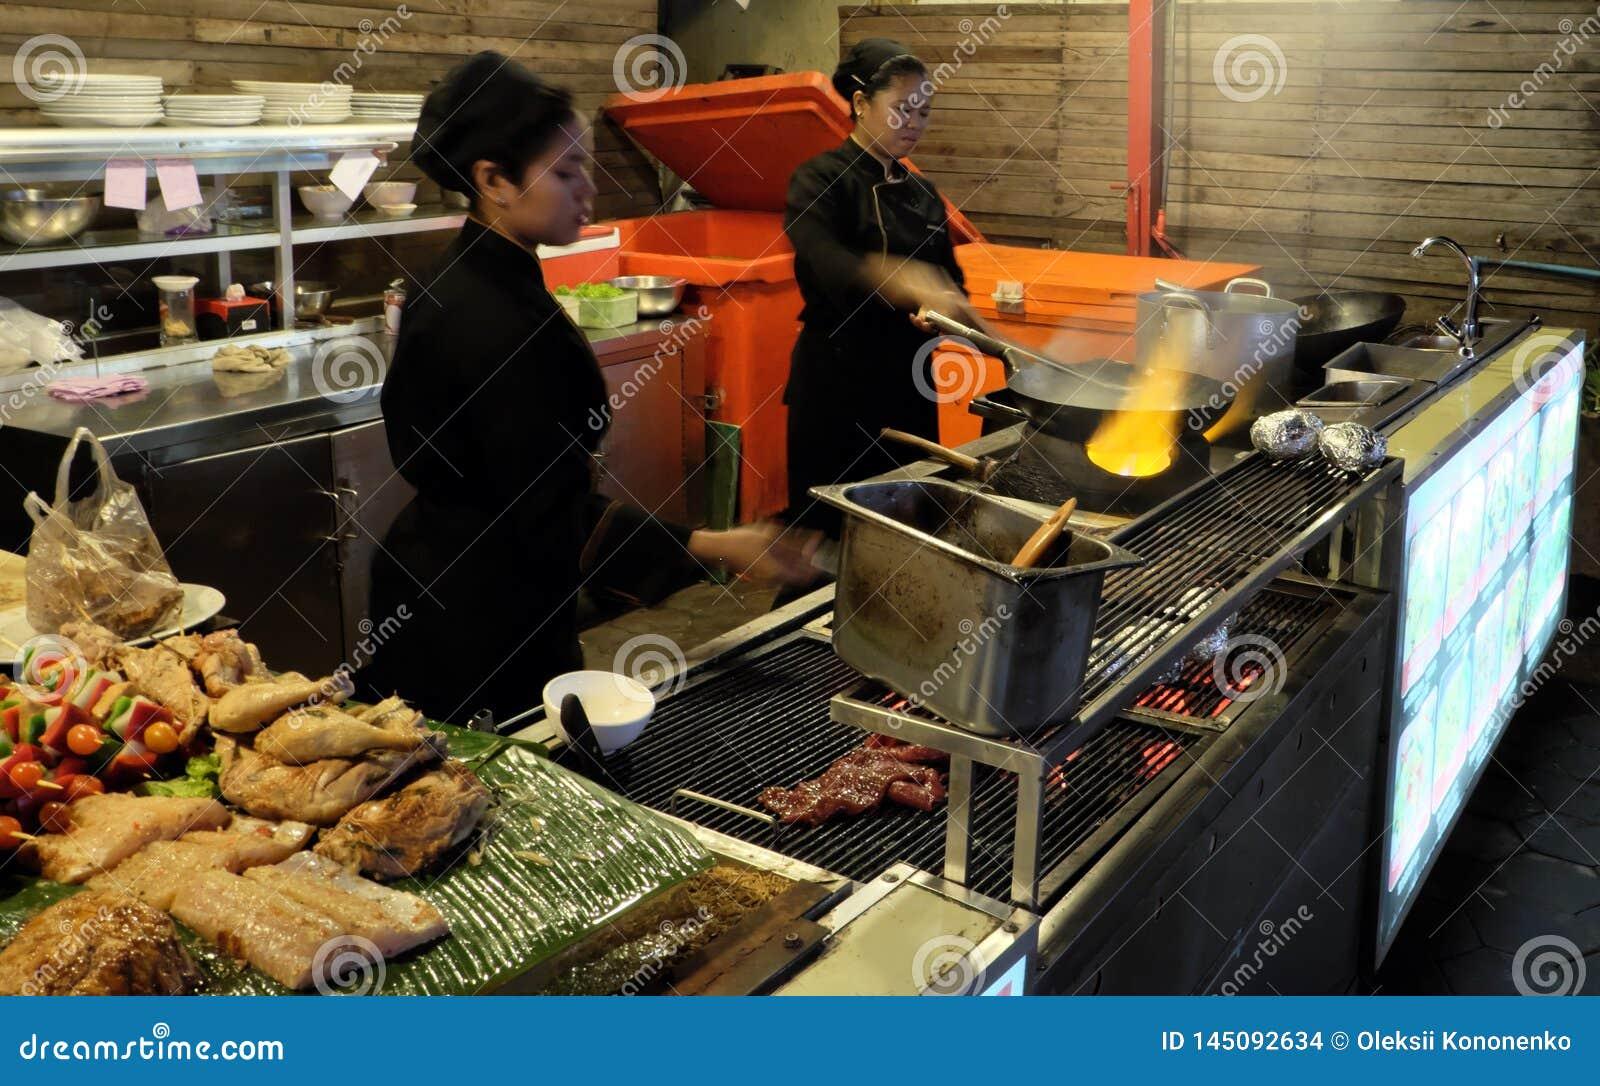 Deux filles asiatiques préparent la nourriture, café de nourriture de rue